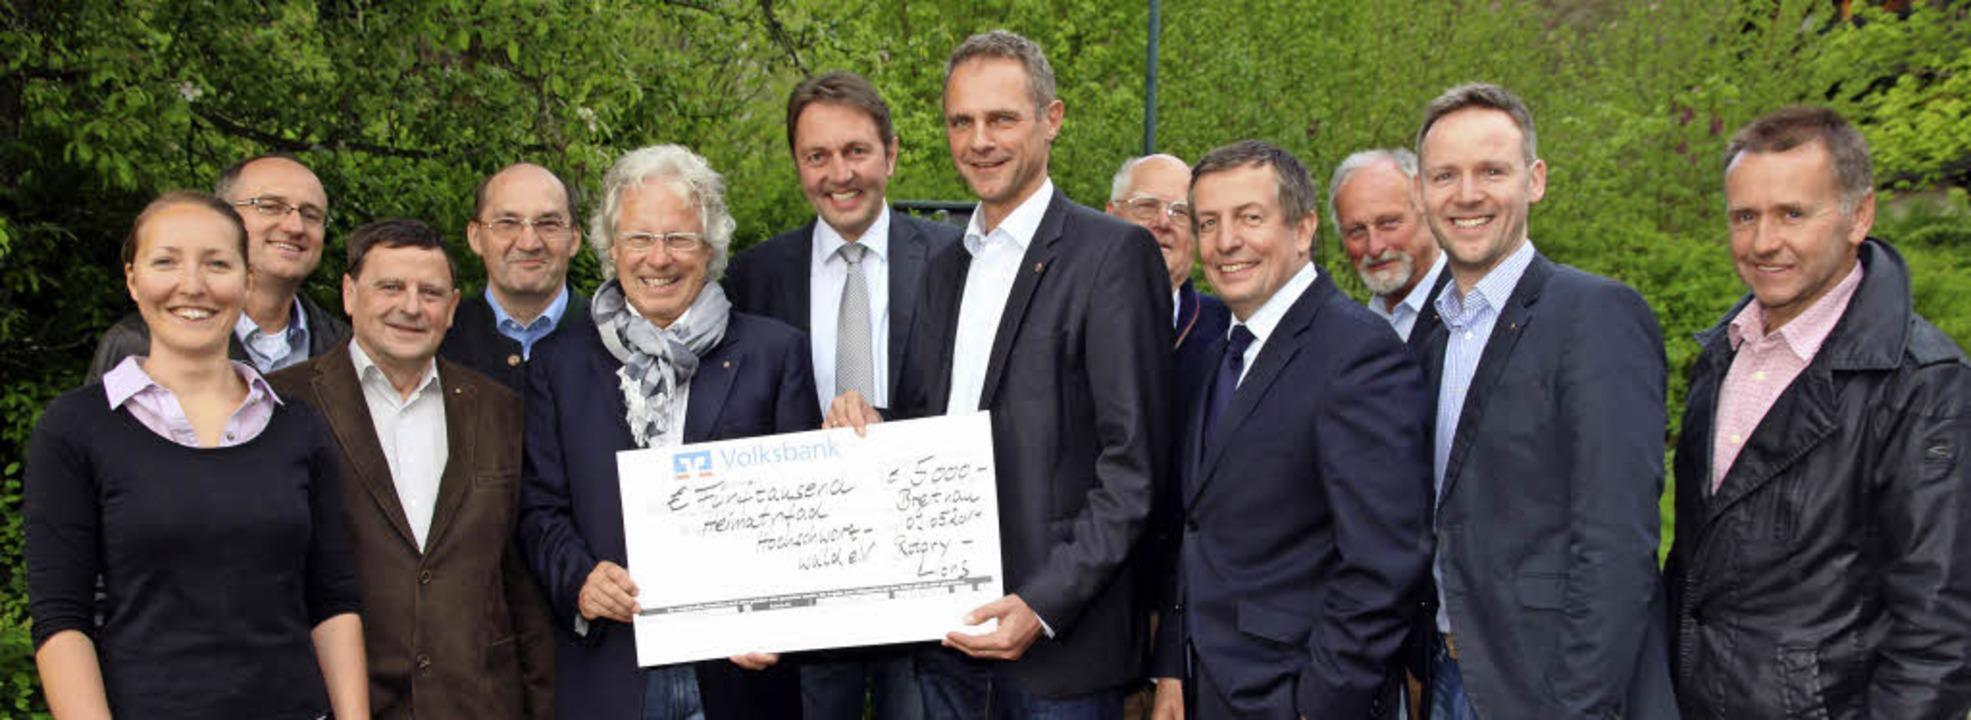 5000 Euro erhielt der Heimpfadverein H...des Heimatpfads Klaus Michael Tatsch.     Foto: Eva Korinth